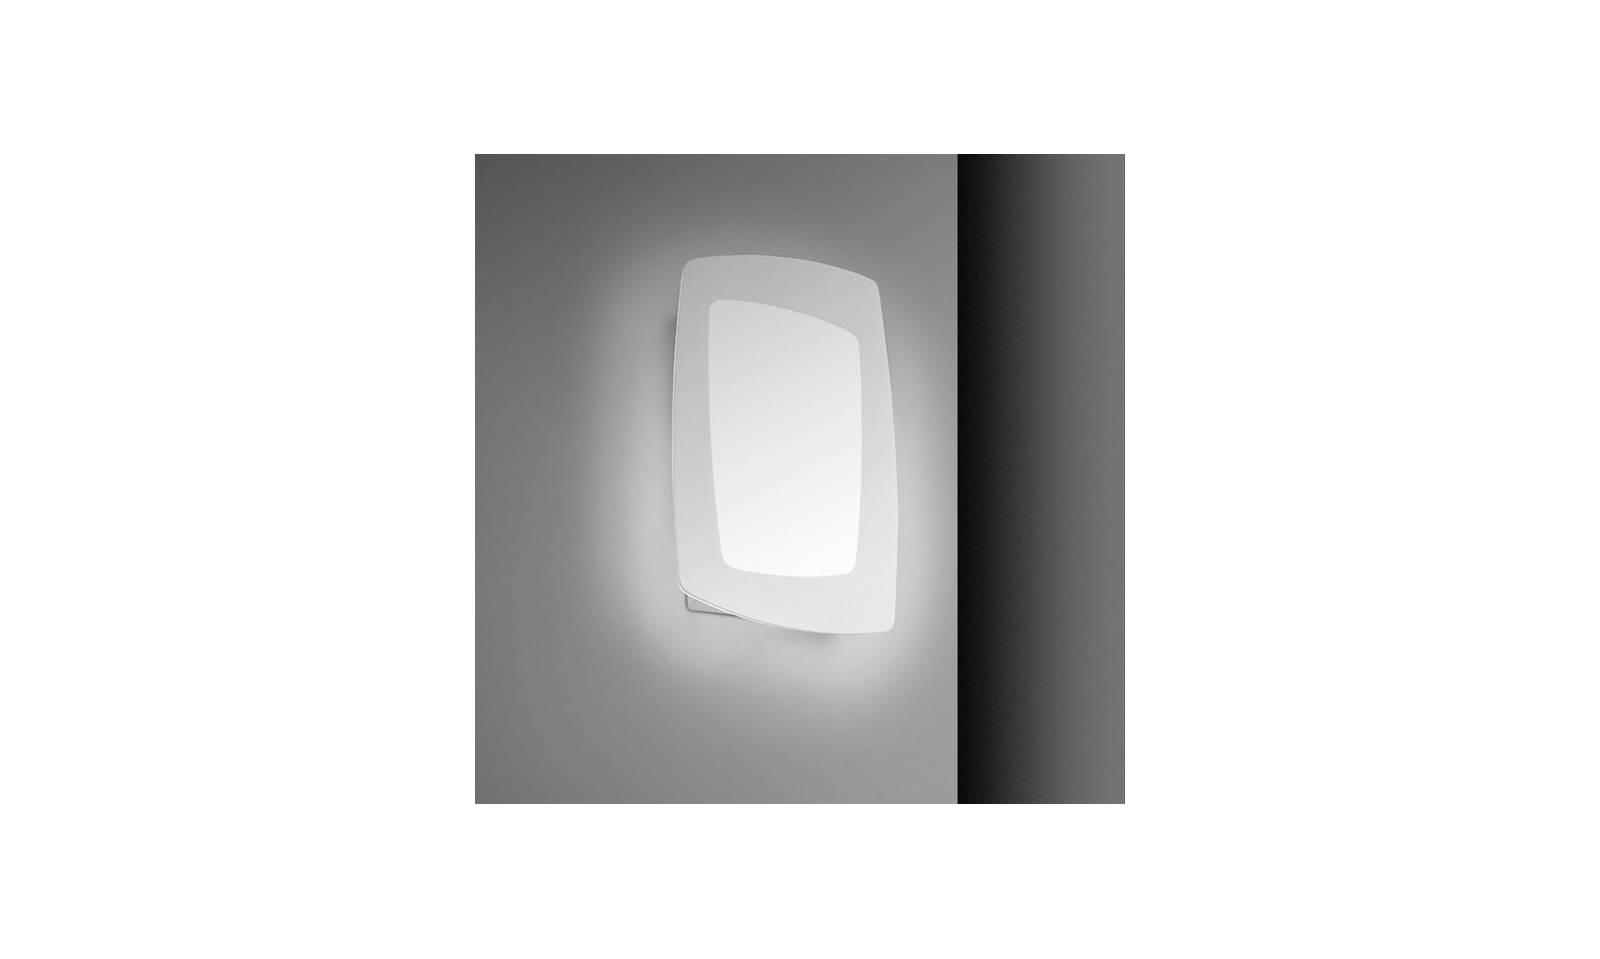 Sforzin illuminazione applique o plafoniera debra rettangolare led